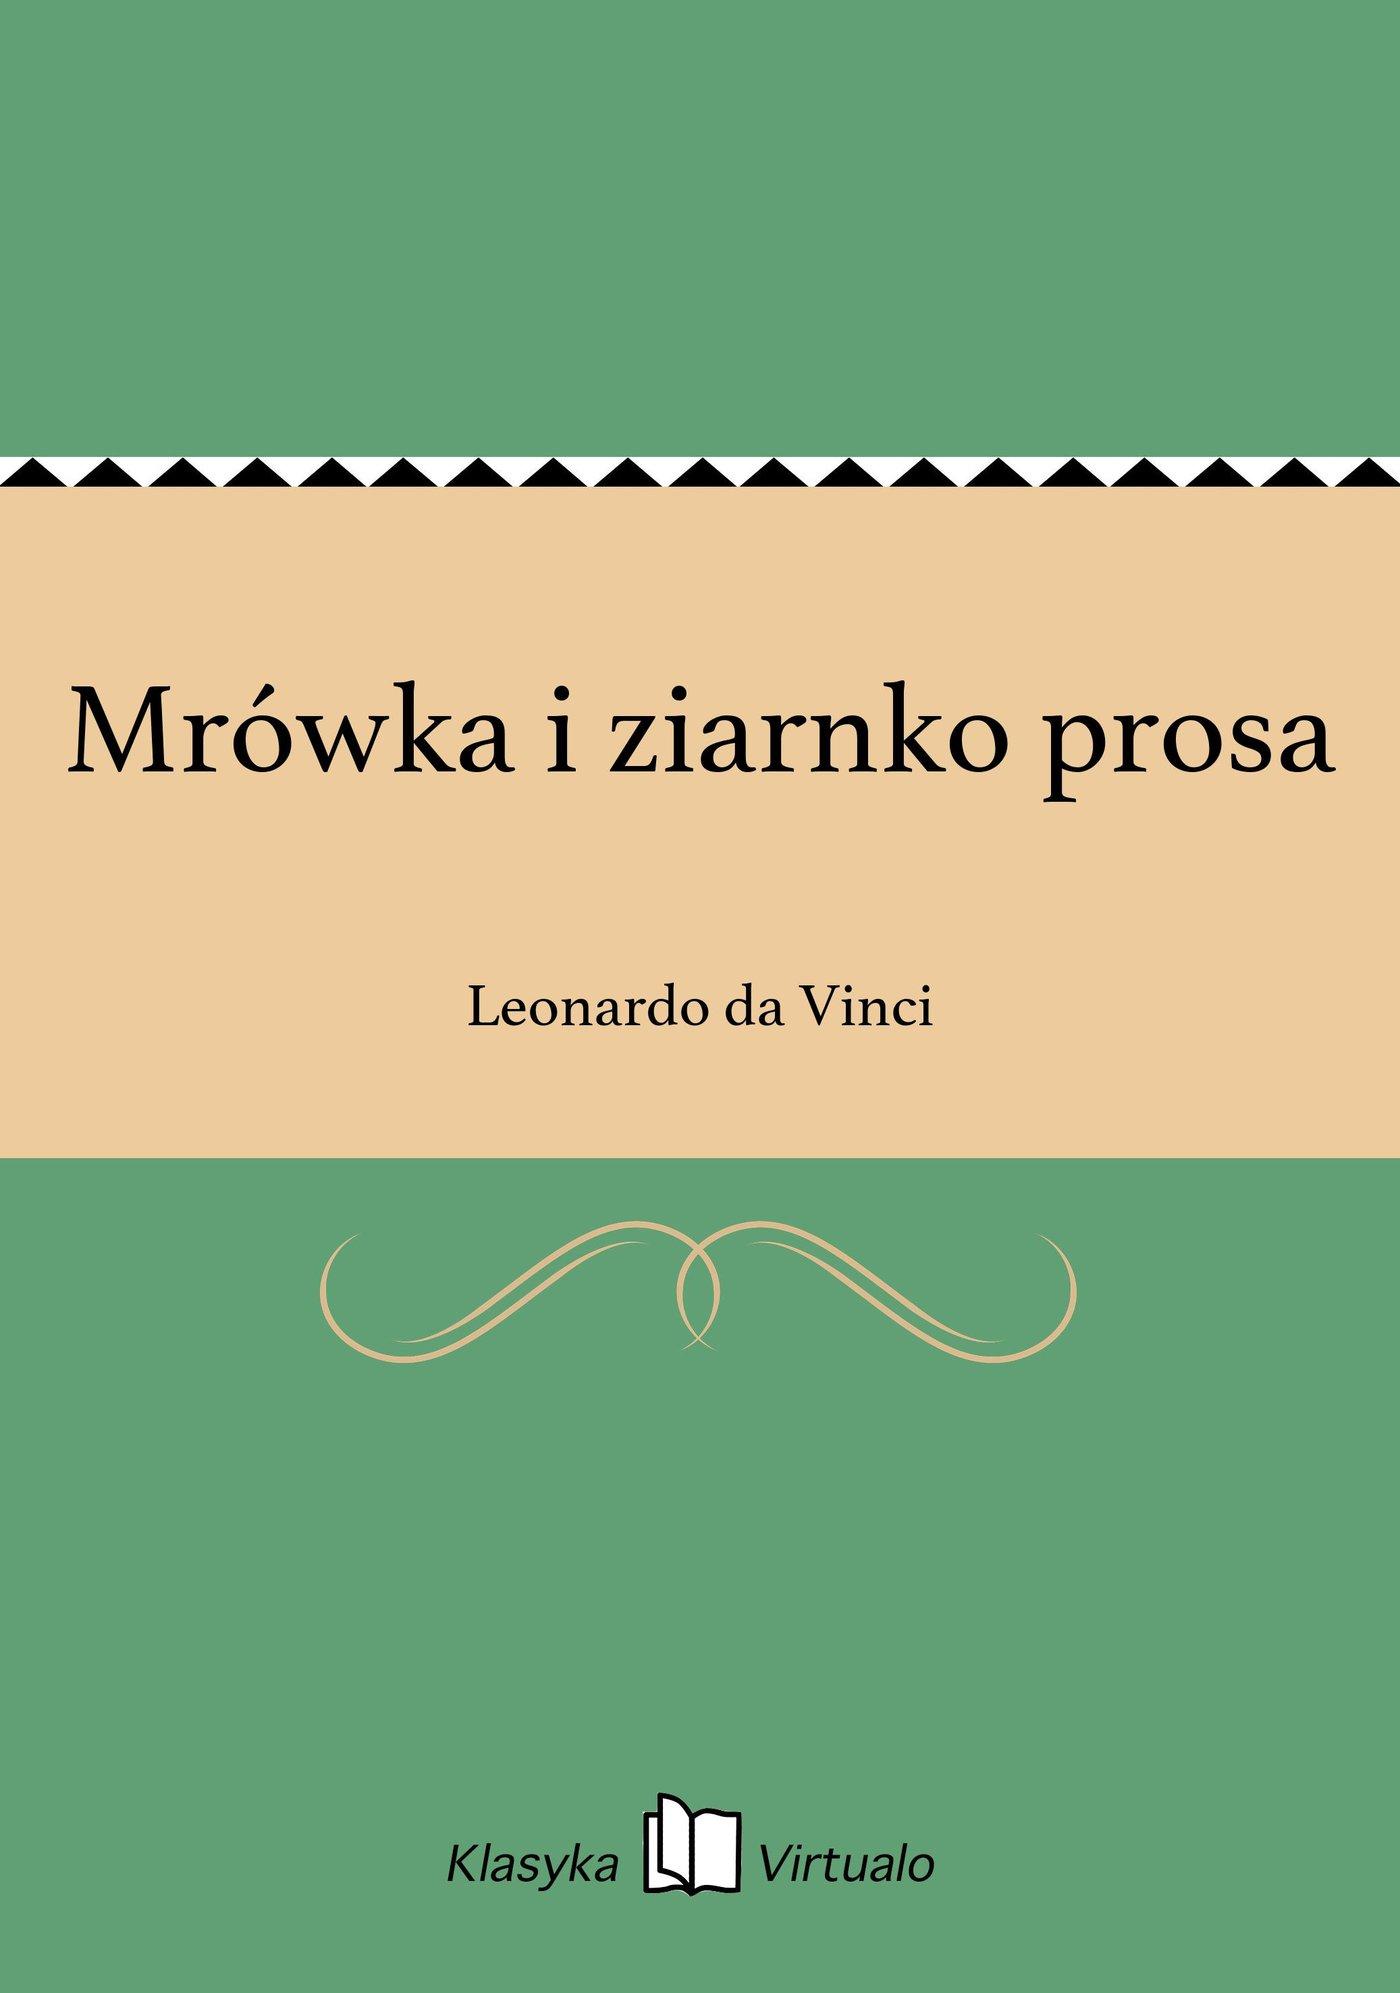 Mrówka i ziarnko prosa - Ebook (Książka EPUB) do pobrania w formacie EPUB